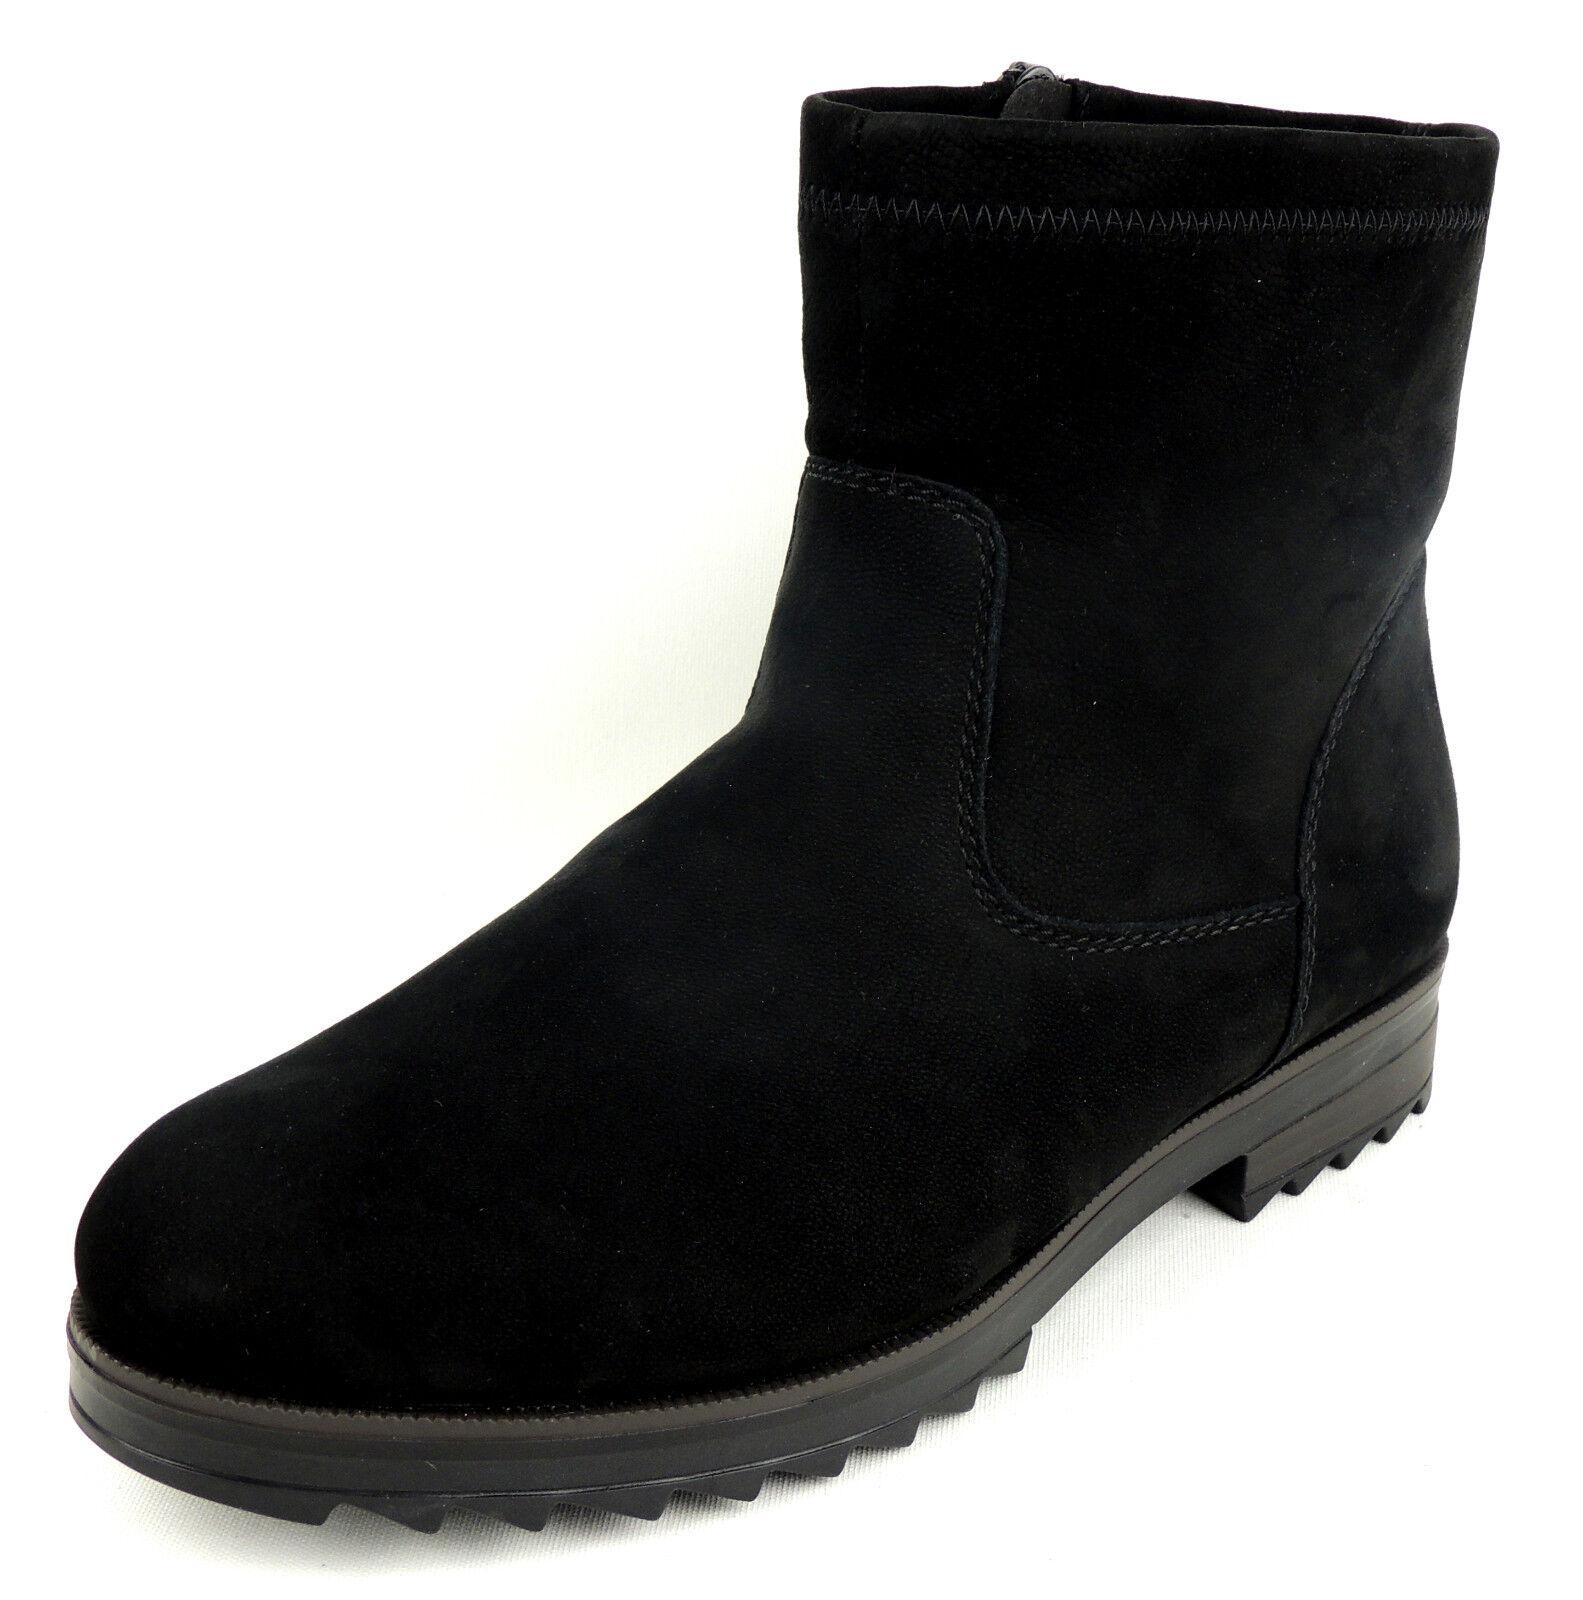 Remonte señora botas depósitos de cuero depósitos botas apto auténtico cordero en lugar de 20e2fc